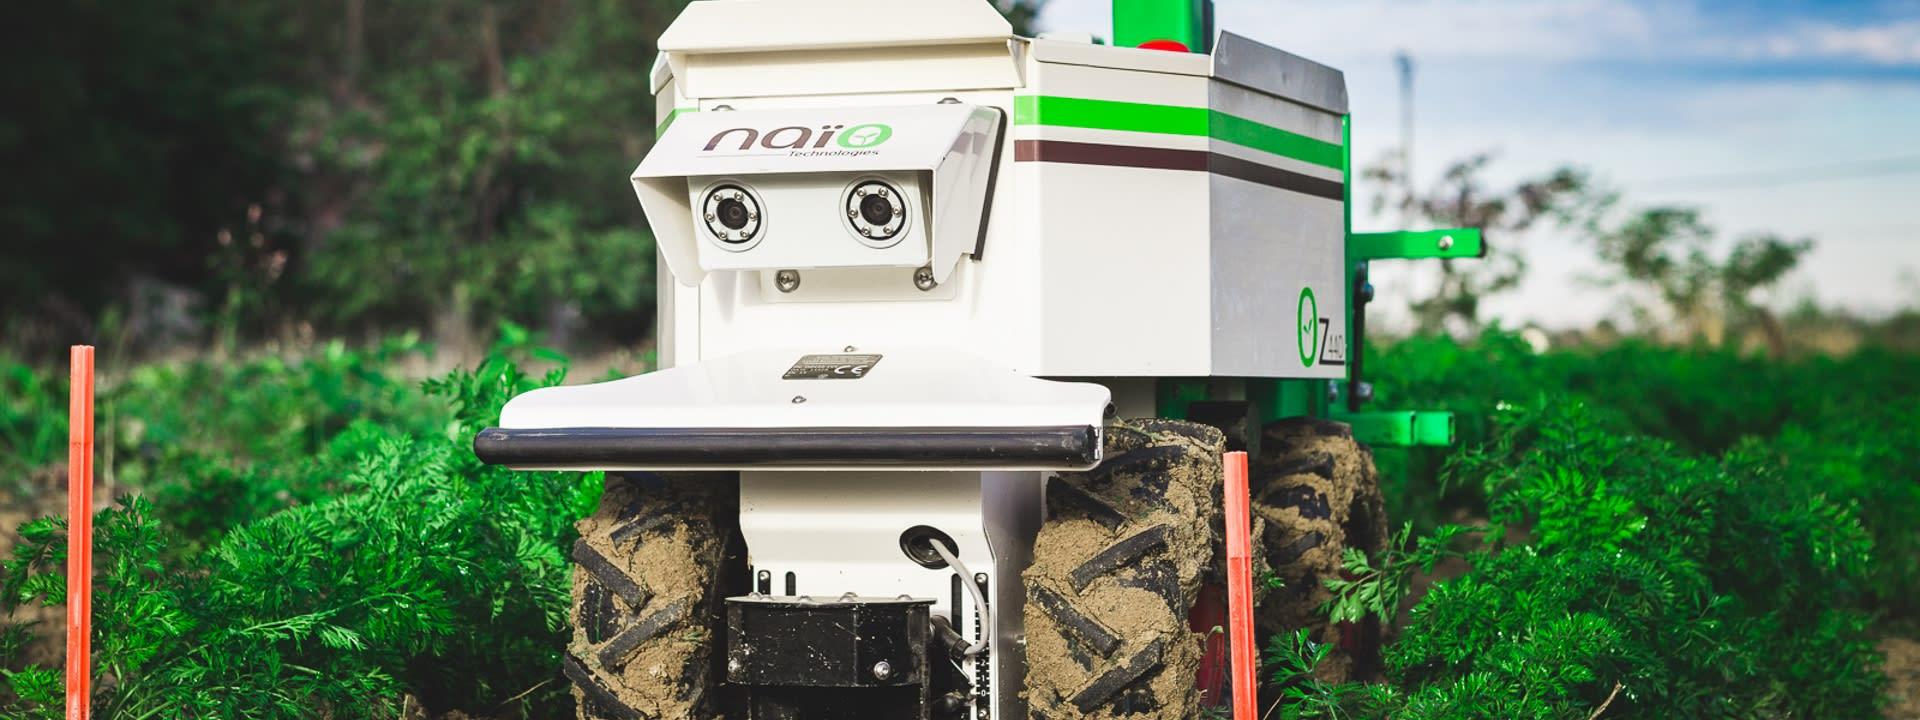 Feldroboter von Naio im Einsatz